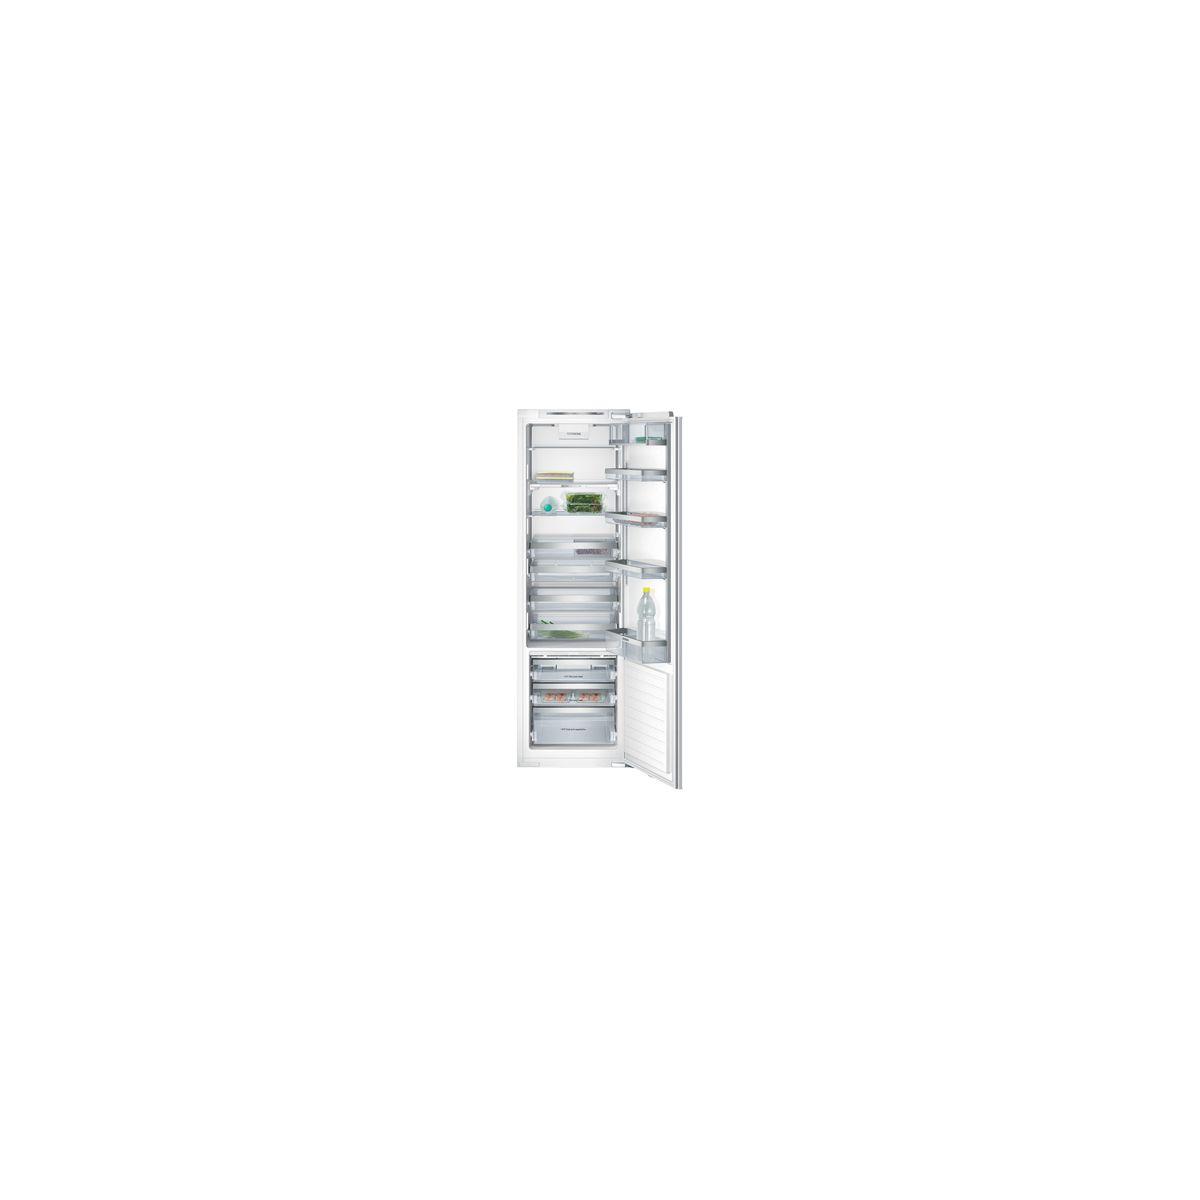 Réfrigérateur 1 porte encastrable SIEMENS KI 42 FP 60